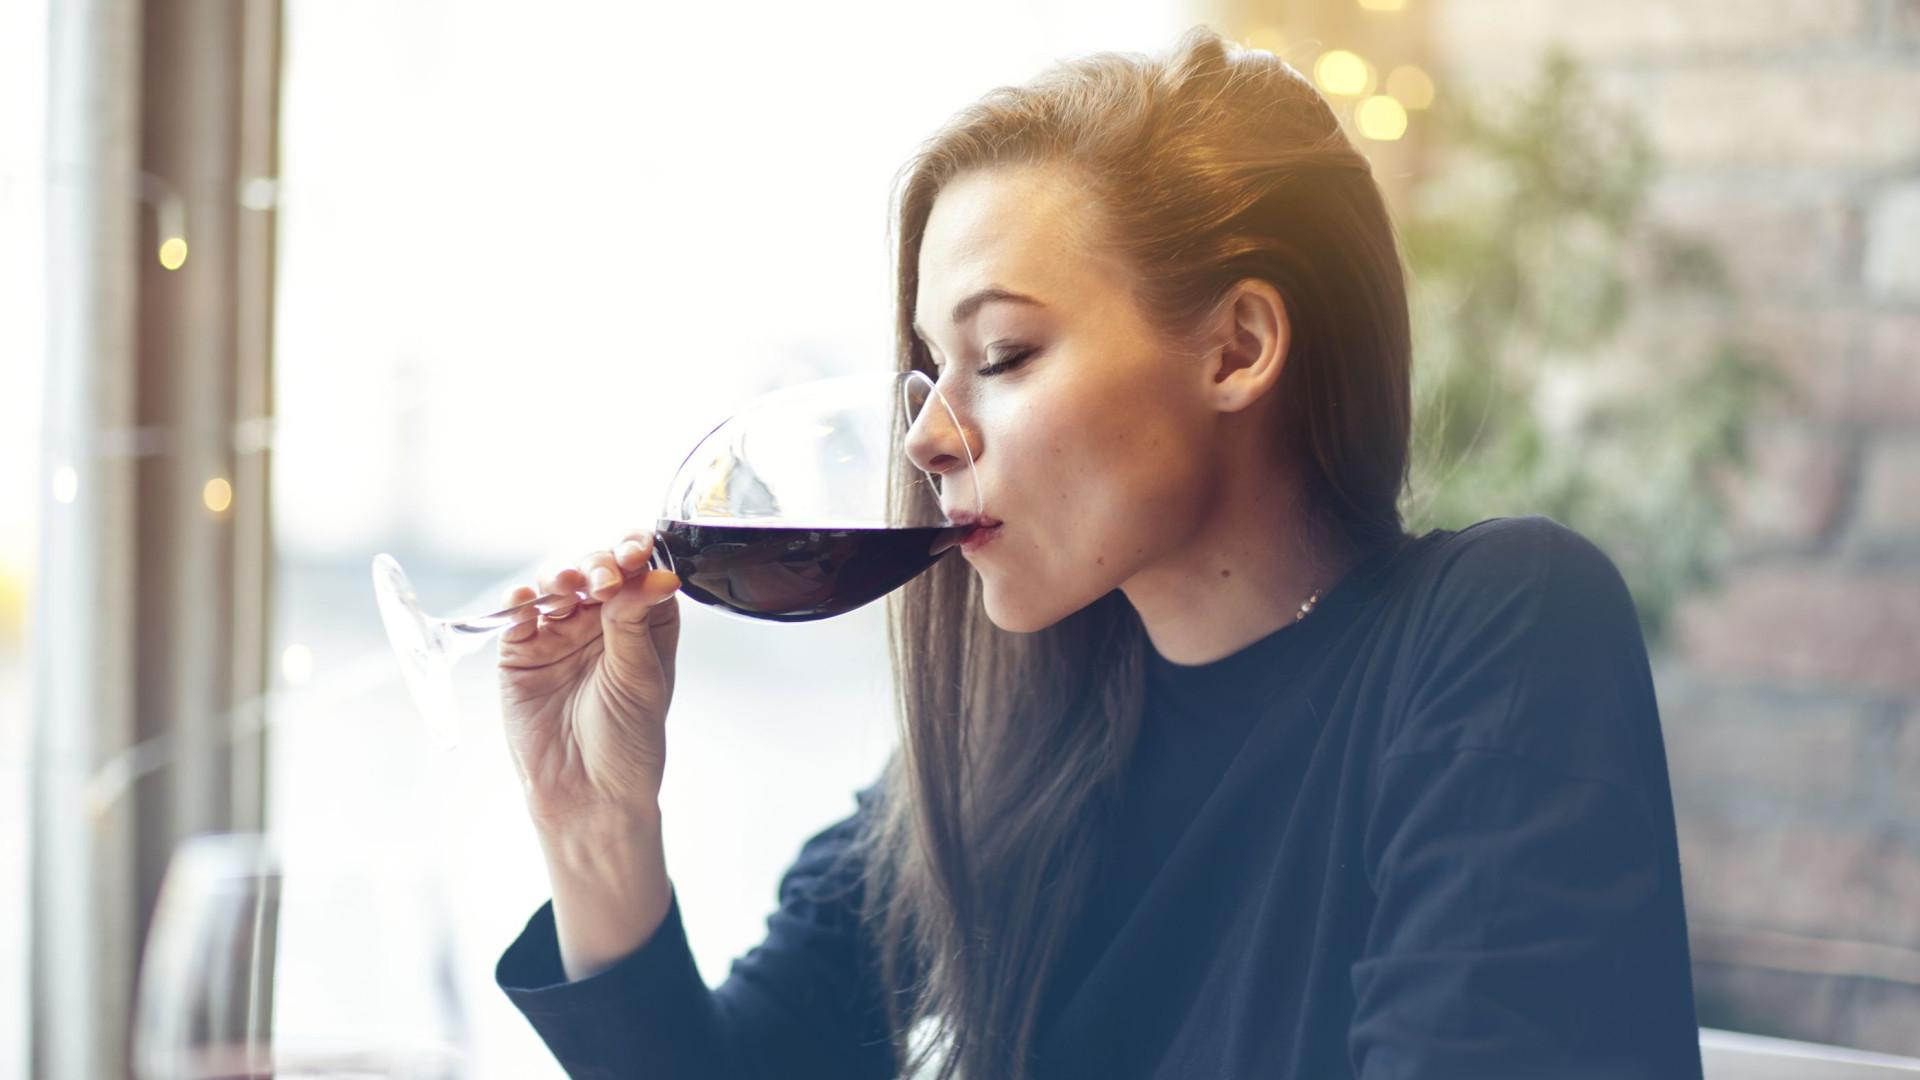 Quem bebe álcool ocasionalmente corre menor risco de morrer jovem